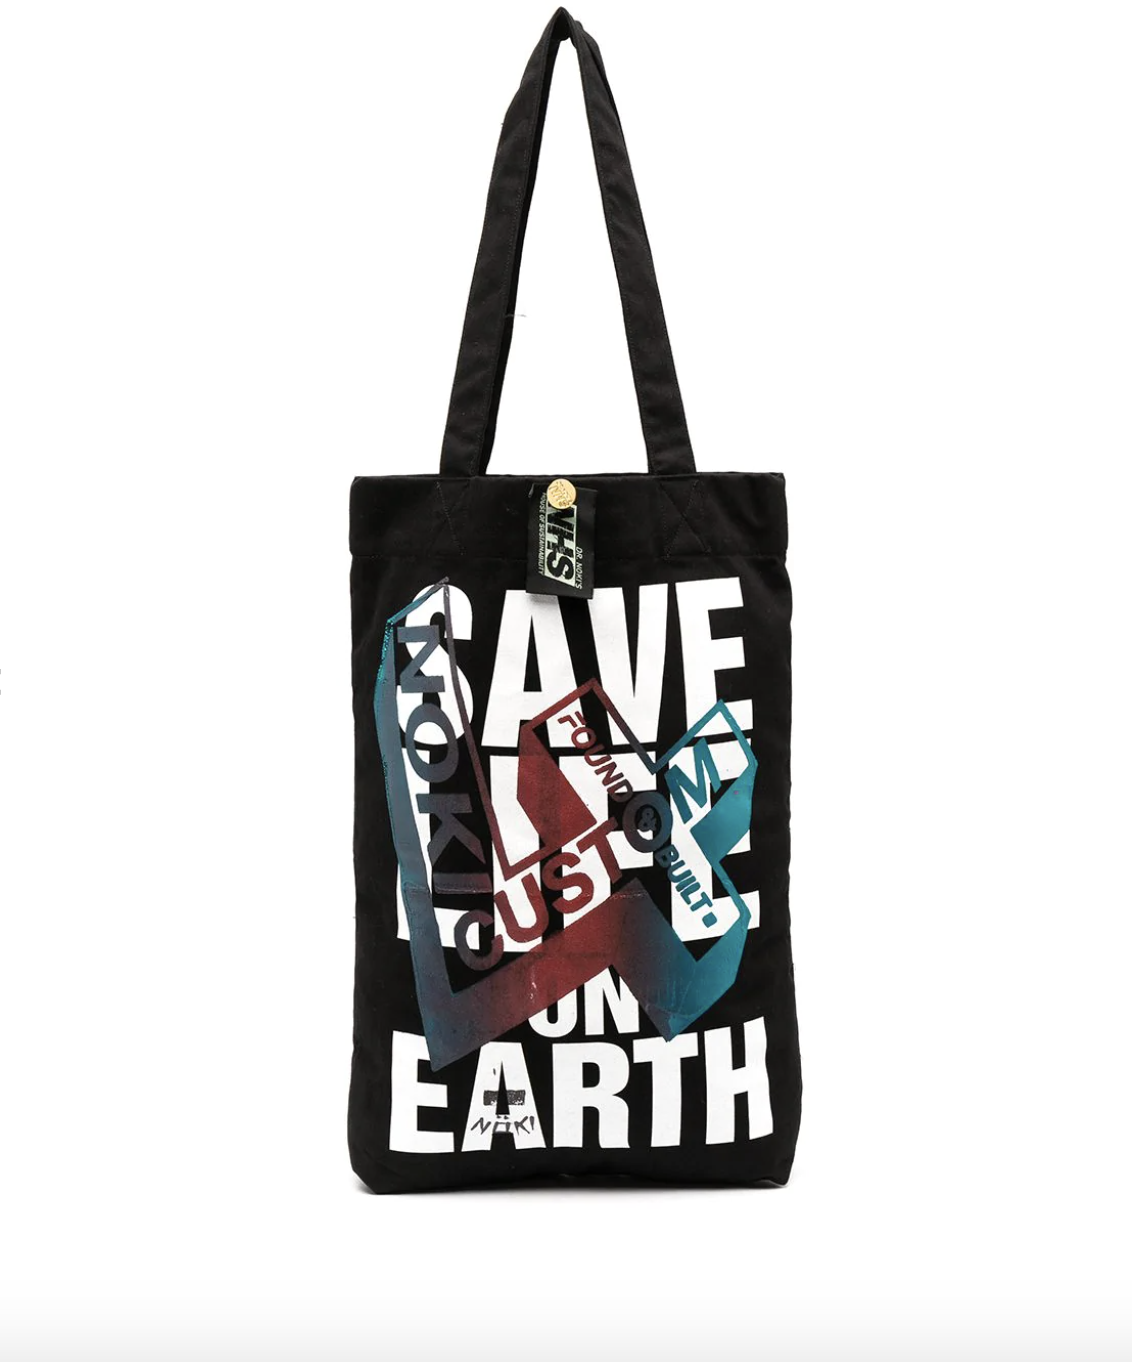 Save life on earth Upcycled Bag